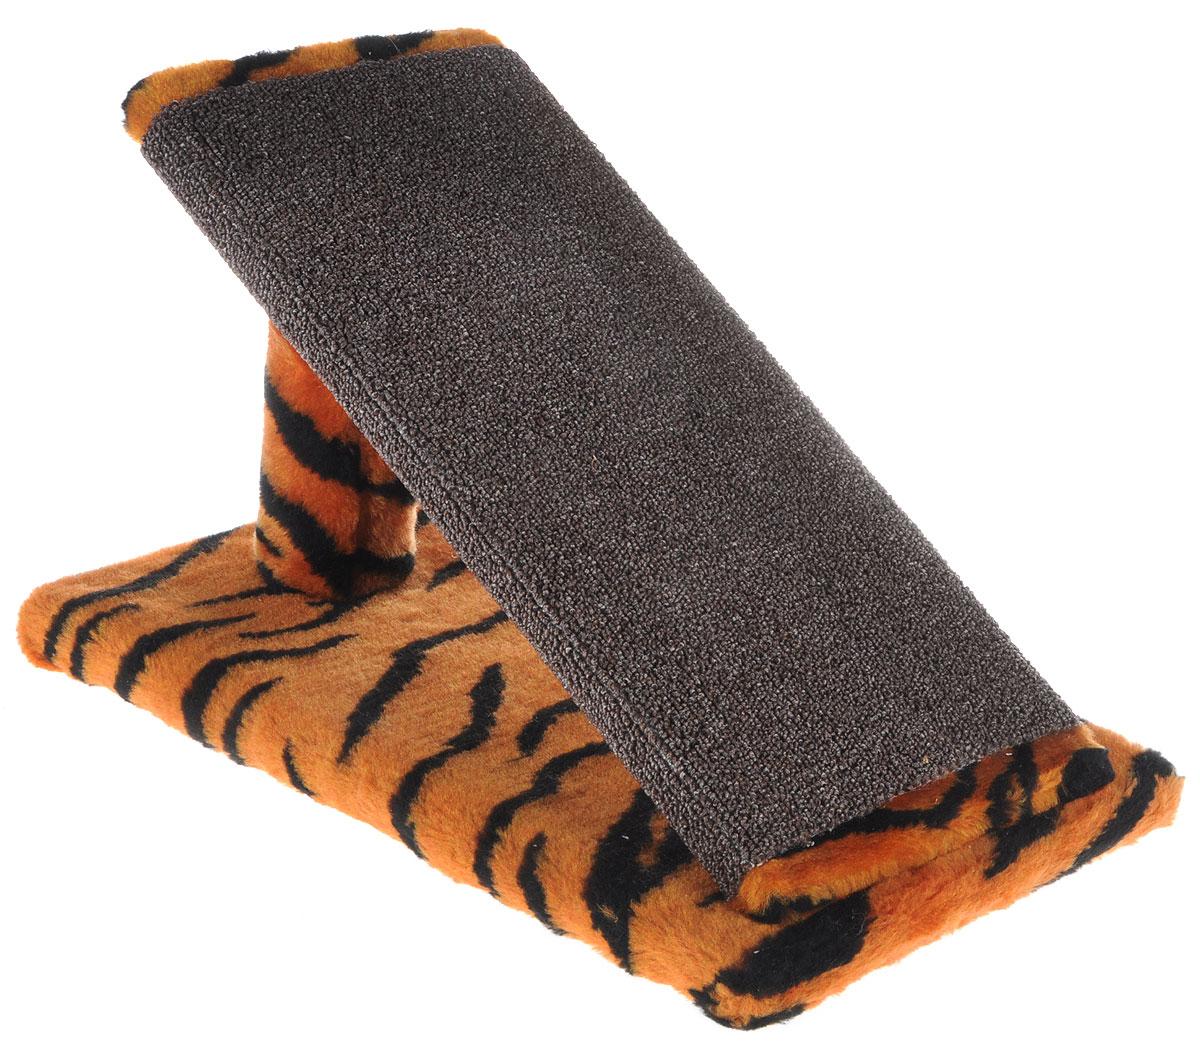 Когтеточка для котят Меридиан Горка, цвет: оранжевый, черный, коричневый, 45 х 25 х 25 см0120710Когтеточка Меридиан Горка предназначена для стачивания когтей вашего котенка и предотвращения их врастания. Она выполнена из ДВП, ДСП и искусственного меха. Точатся когти о накладку из ковролина. Когтеточка позволяет сохранить неповрежденными мебель и другие предметы интерьера.